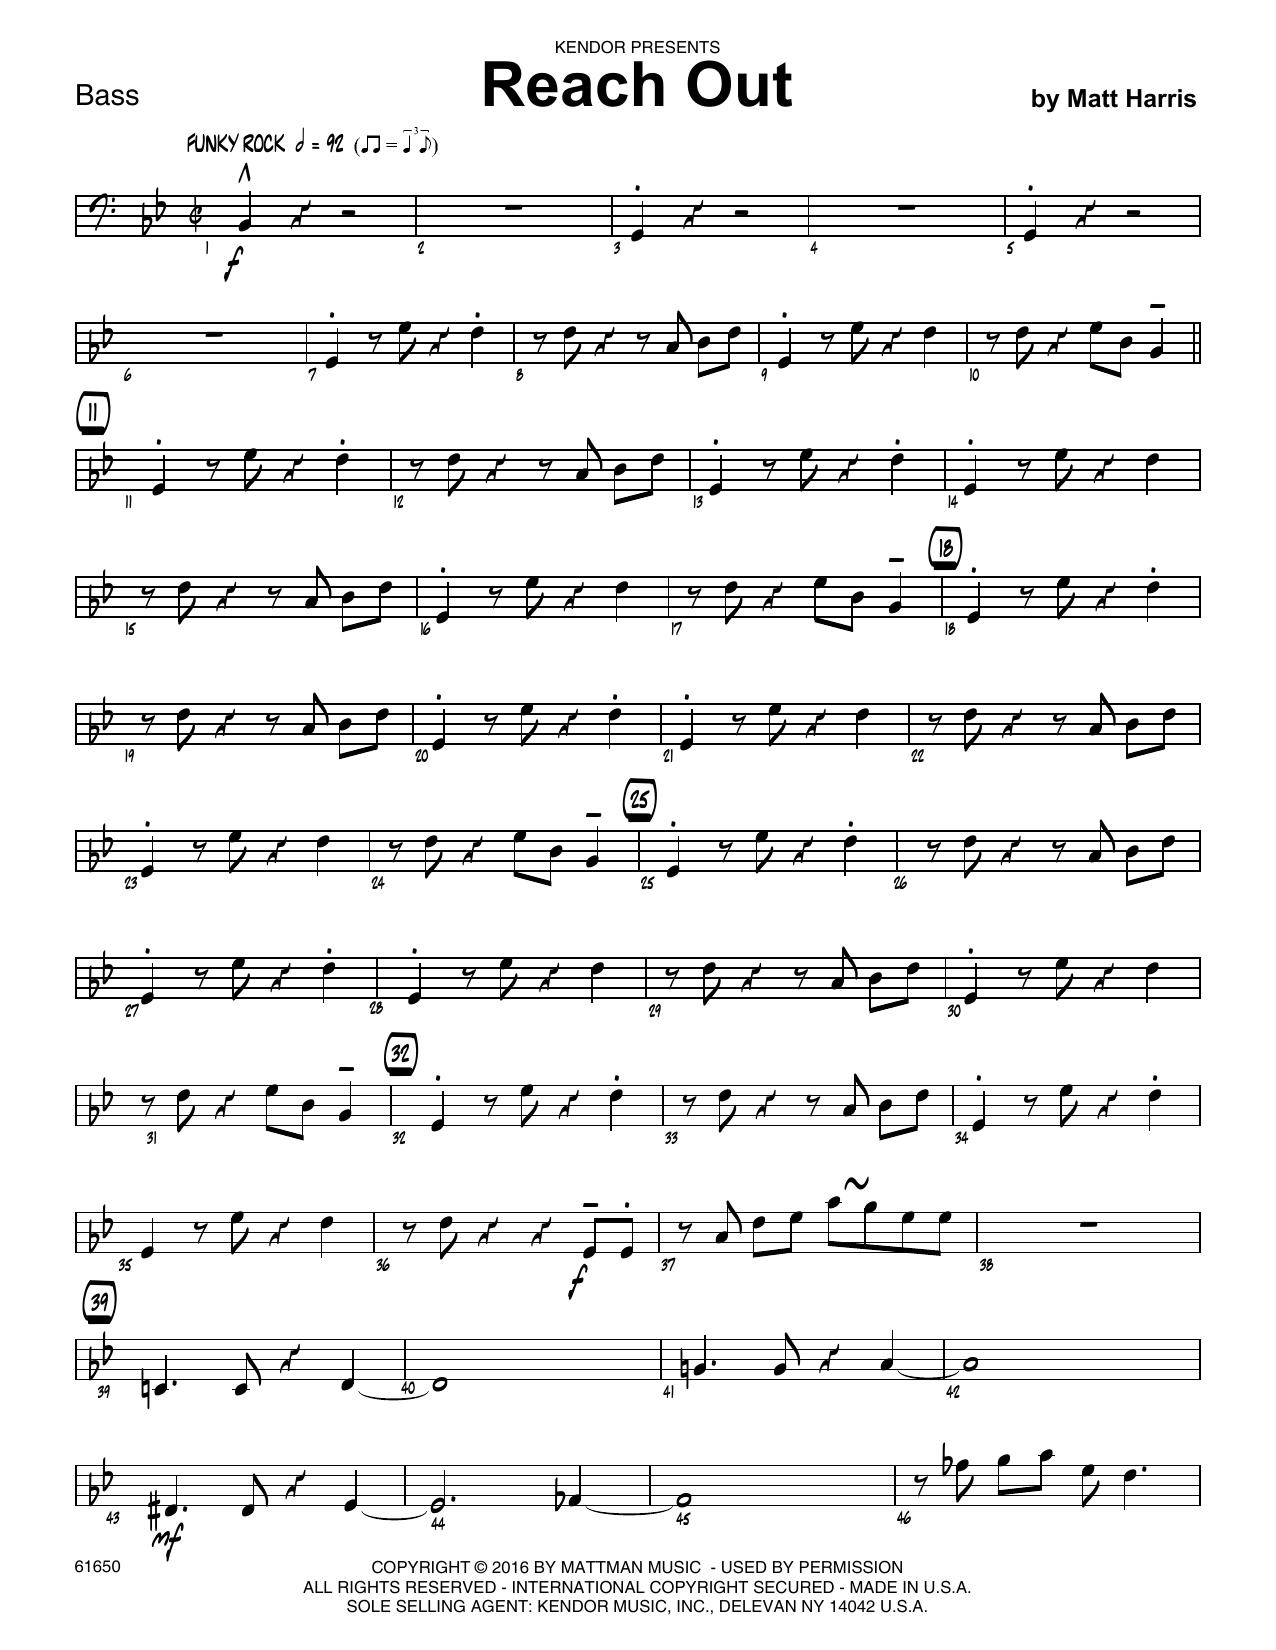 Reach Out - Bass Sheet Music